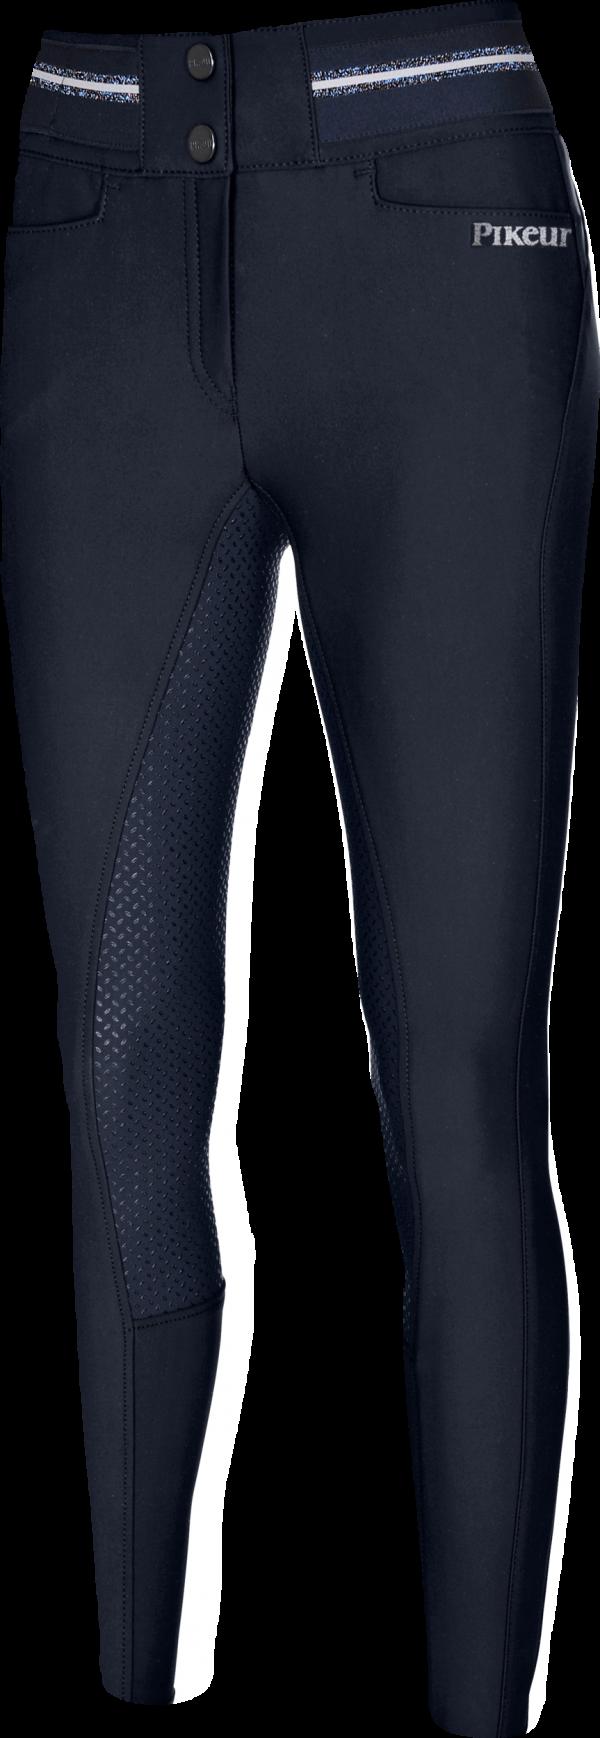 Pikeur Calanja Grip, Marine, breeches